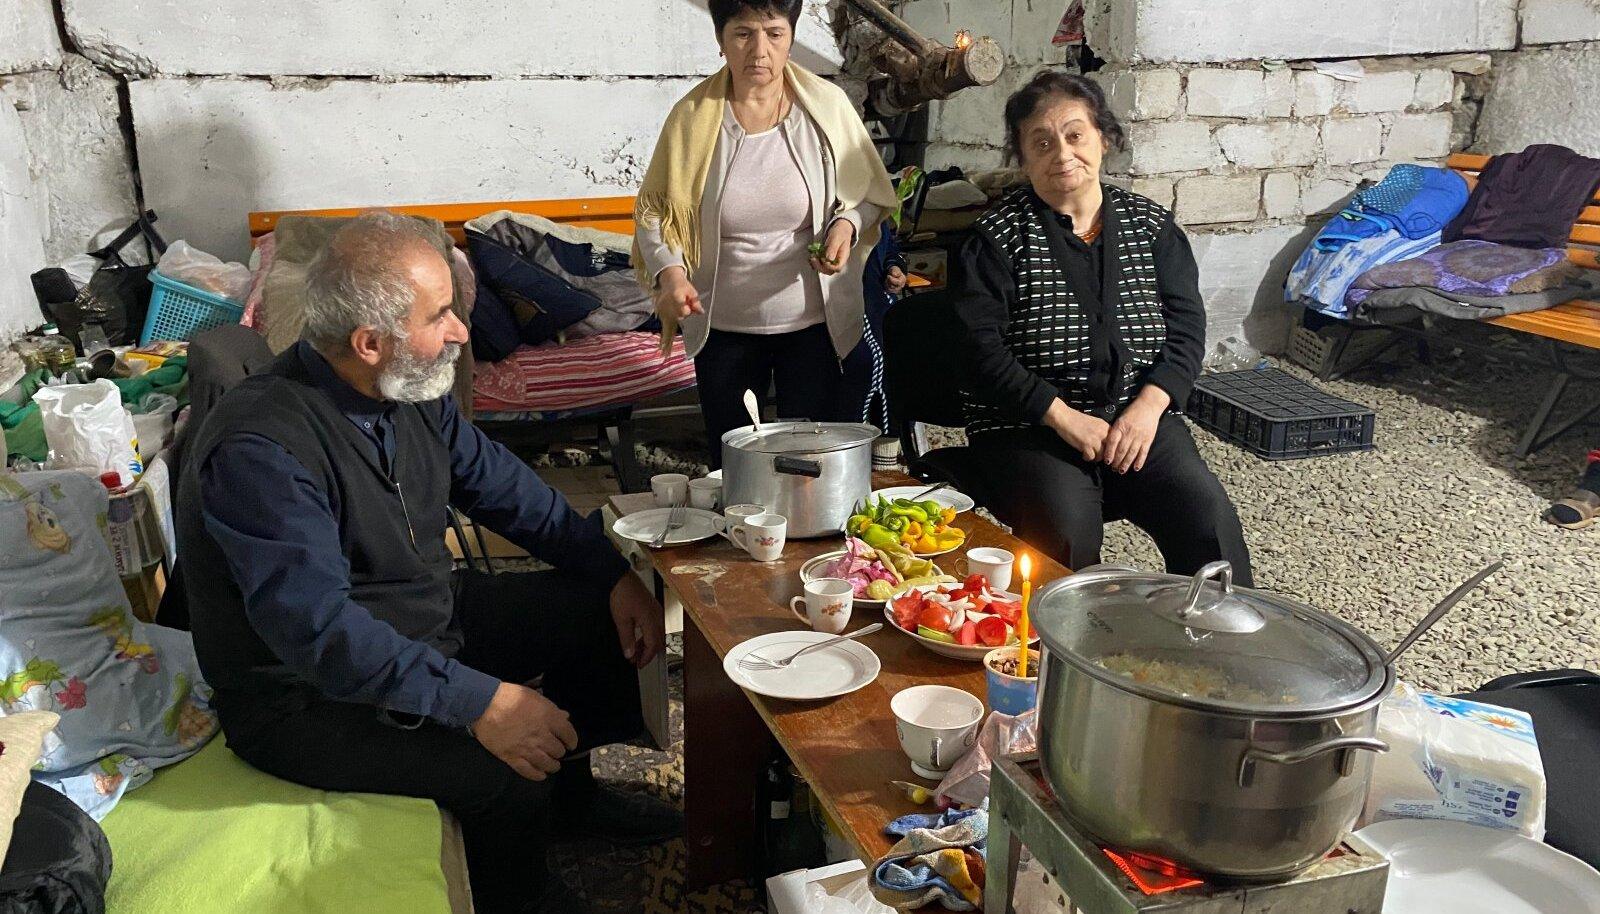 Xankəndi elanikud on sunnitud elama keldrites. Sellest hoolimata on nad külalislahked ja paluvad tungivalt lauda istuda. Pühamees Aram, Susanna ja vanaema Ljudmira.